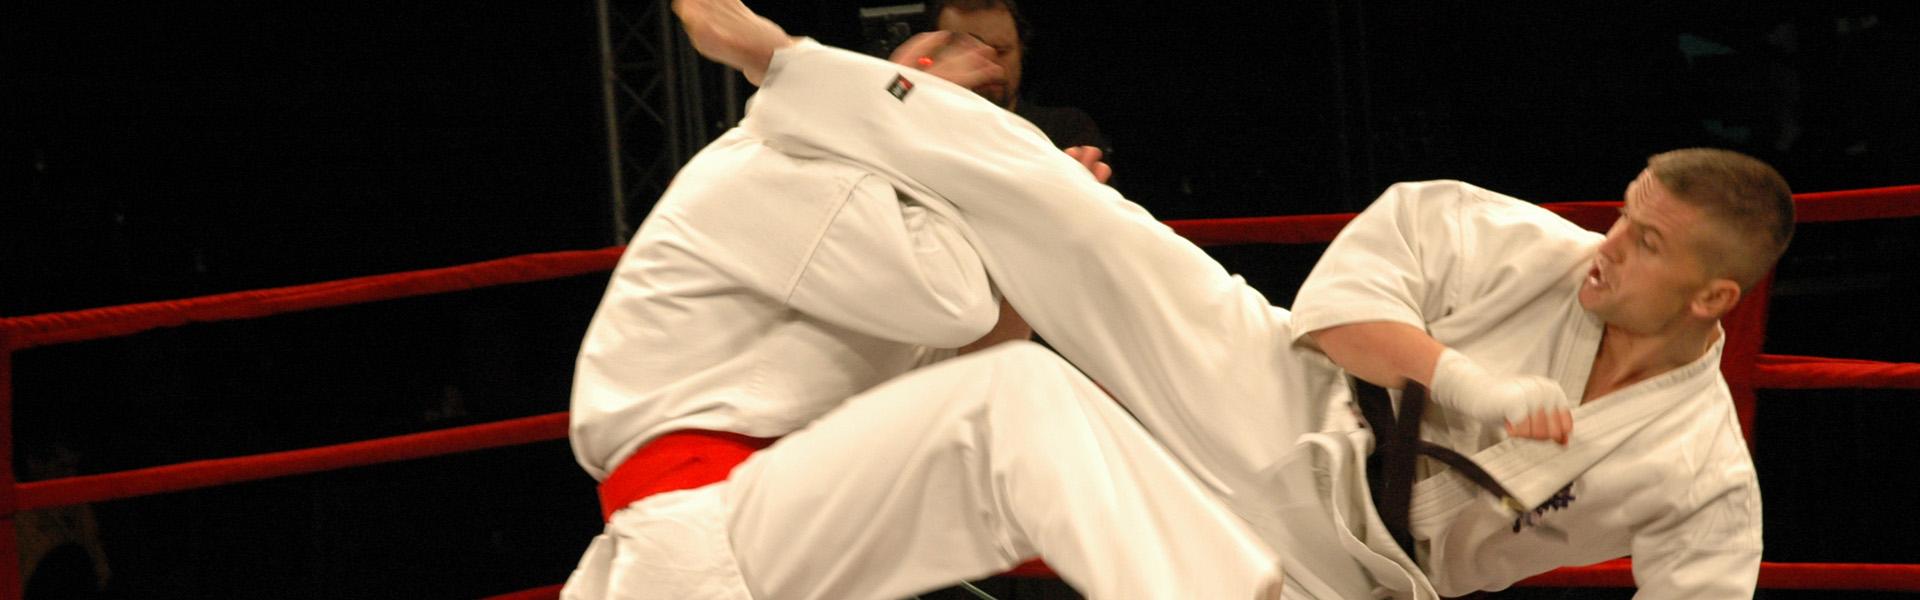 Karate =  sztuka